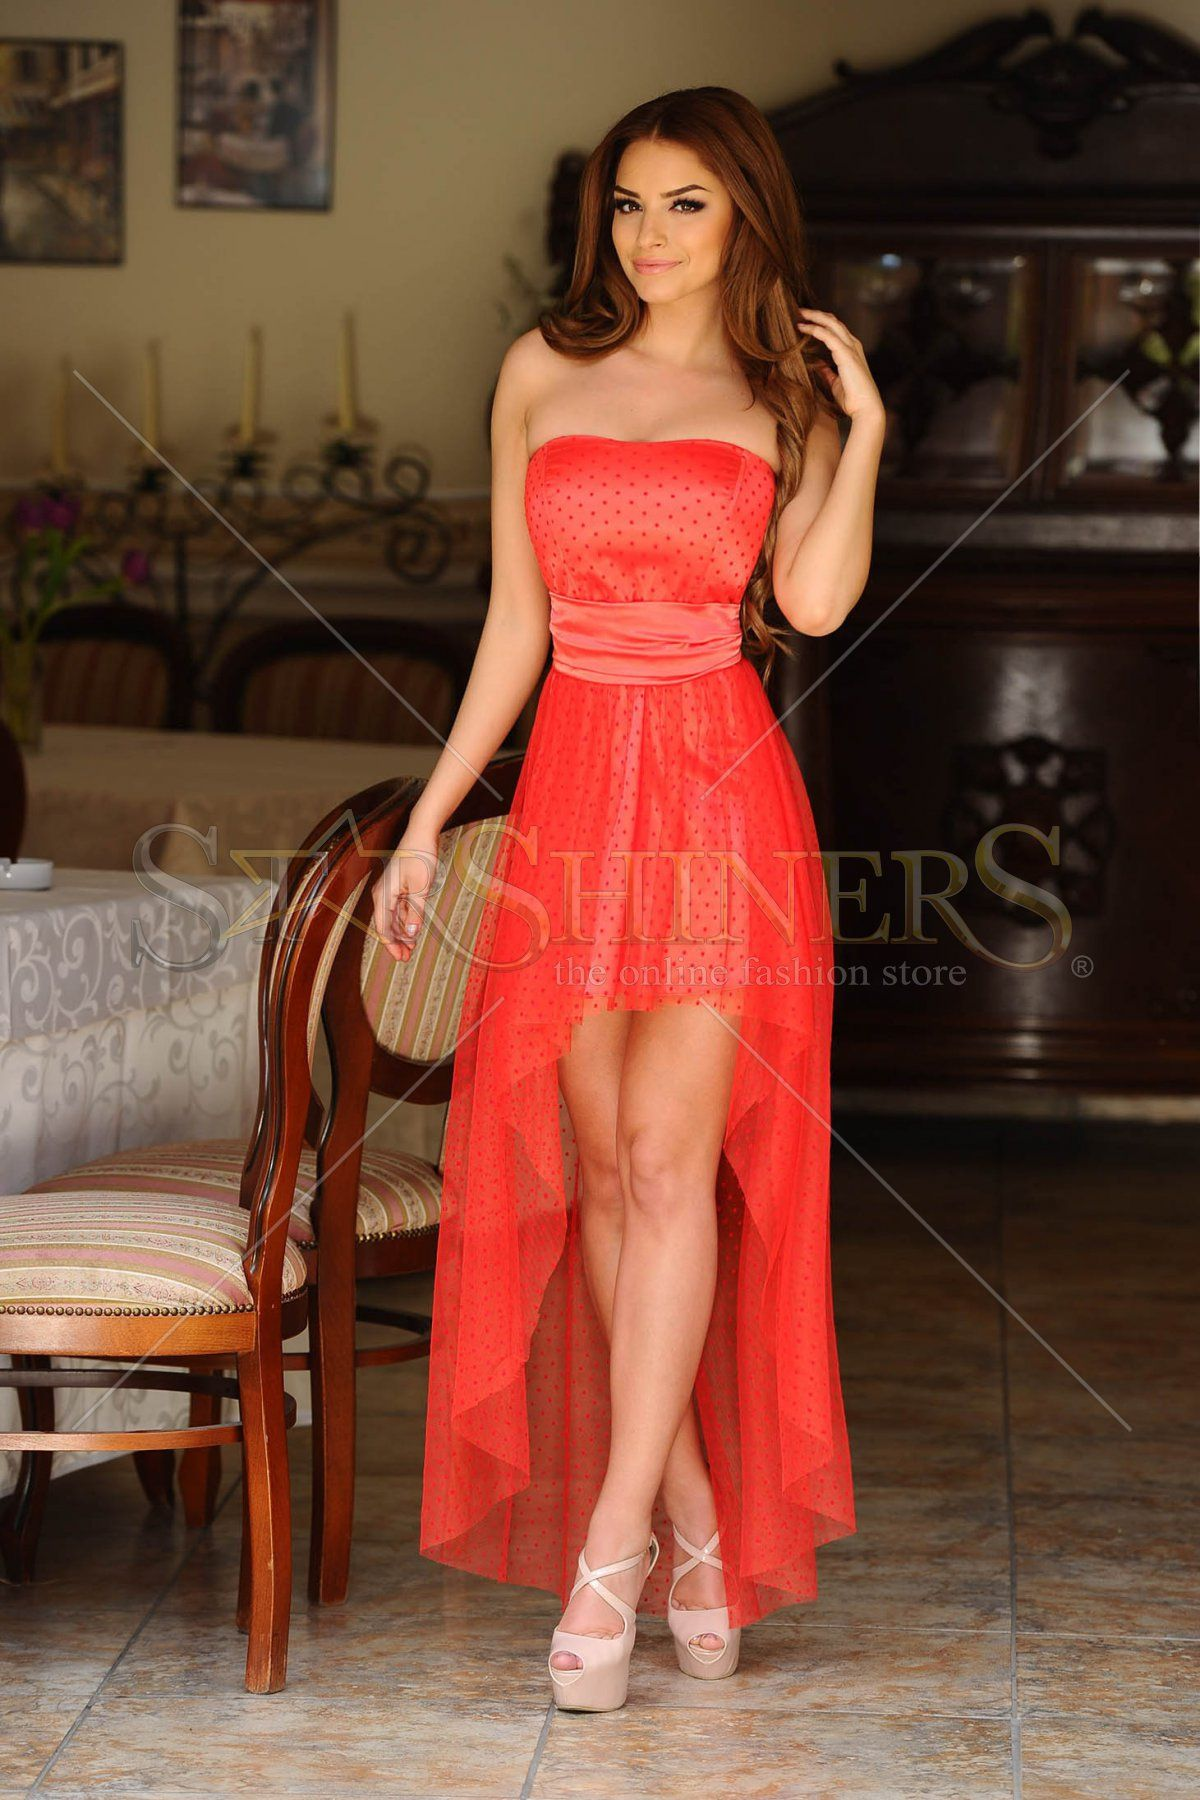 6b10022f8a Pánt nélküli ruhák: a 2015-ös nyár szenzációi   StarSBlog - StarShinerS  Blog - Your Home of Fashion - Légy különböző!